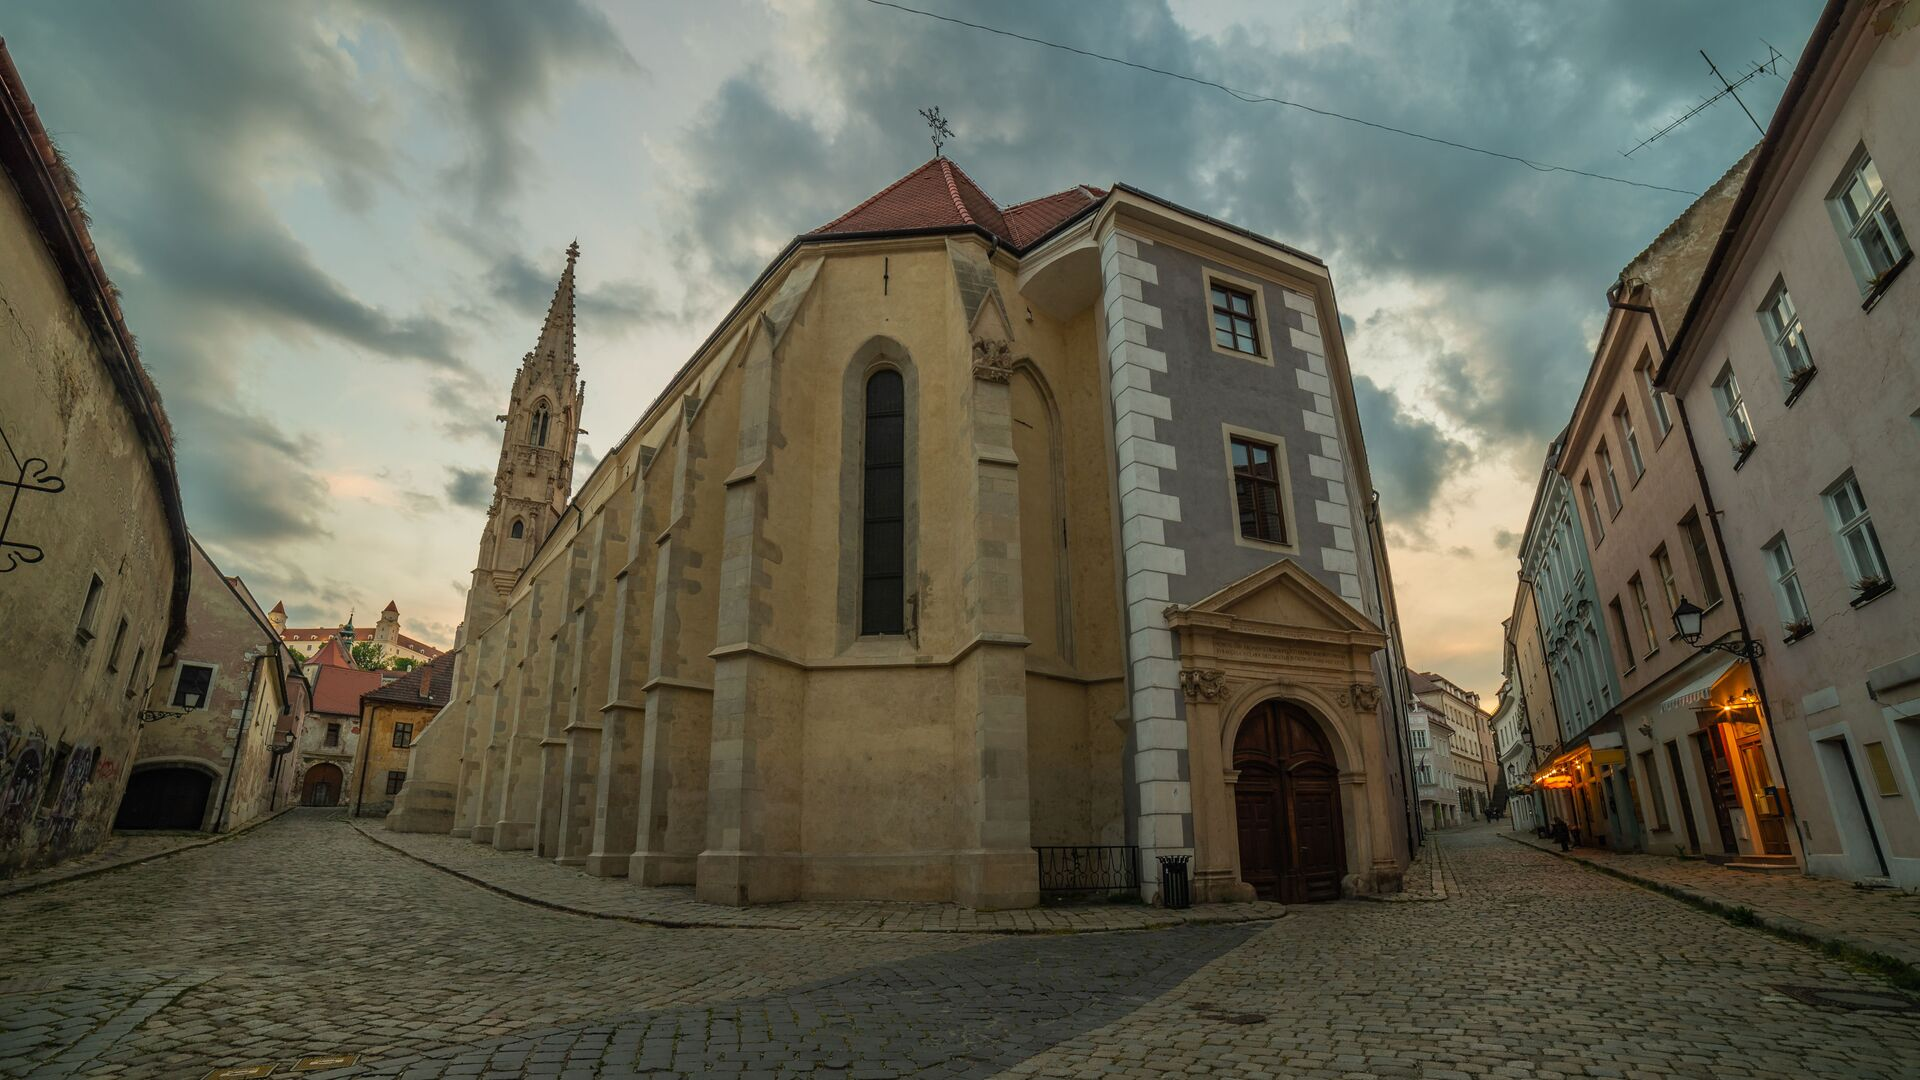 Opuštěná ulice v historickém centru Bratislavy, Slovensko - Sputnik Česká republika, 1920, 18.02.2021